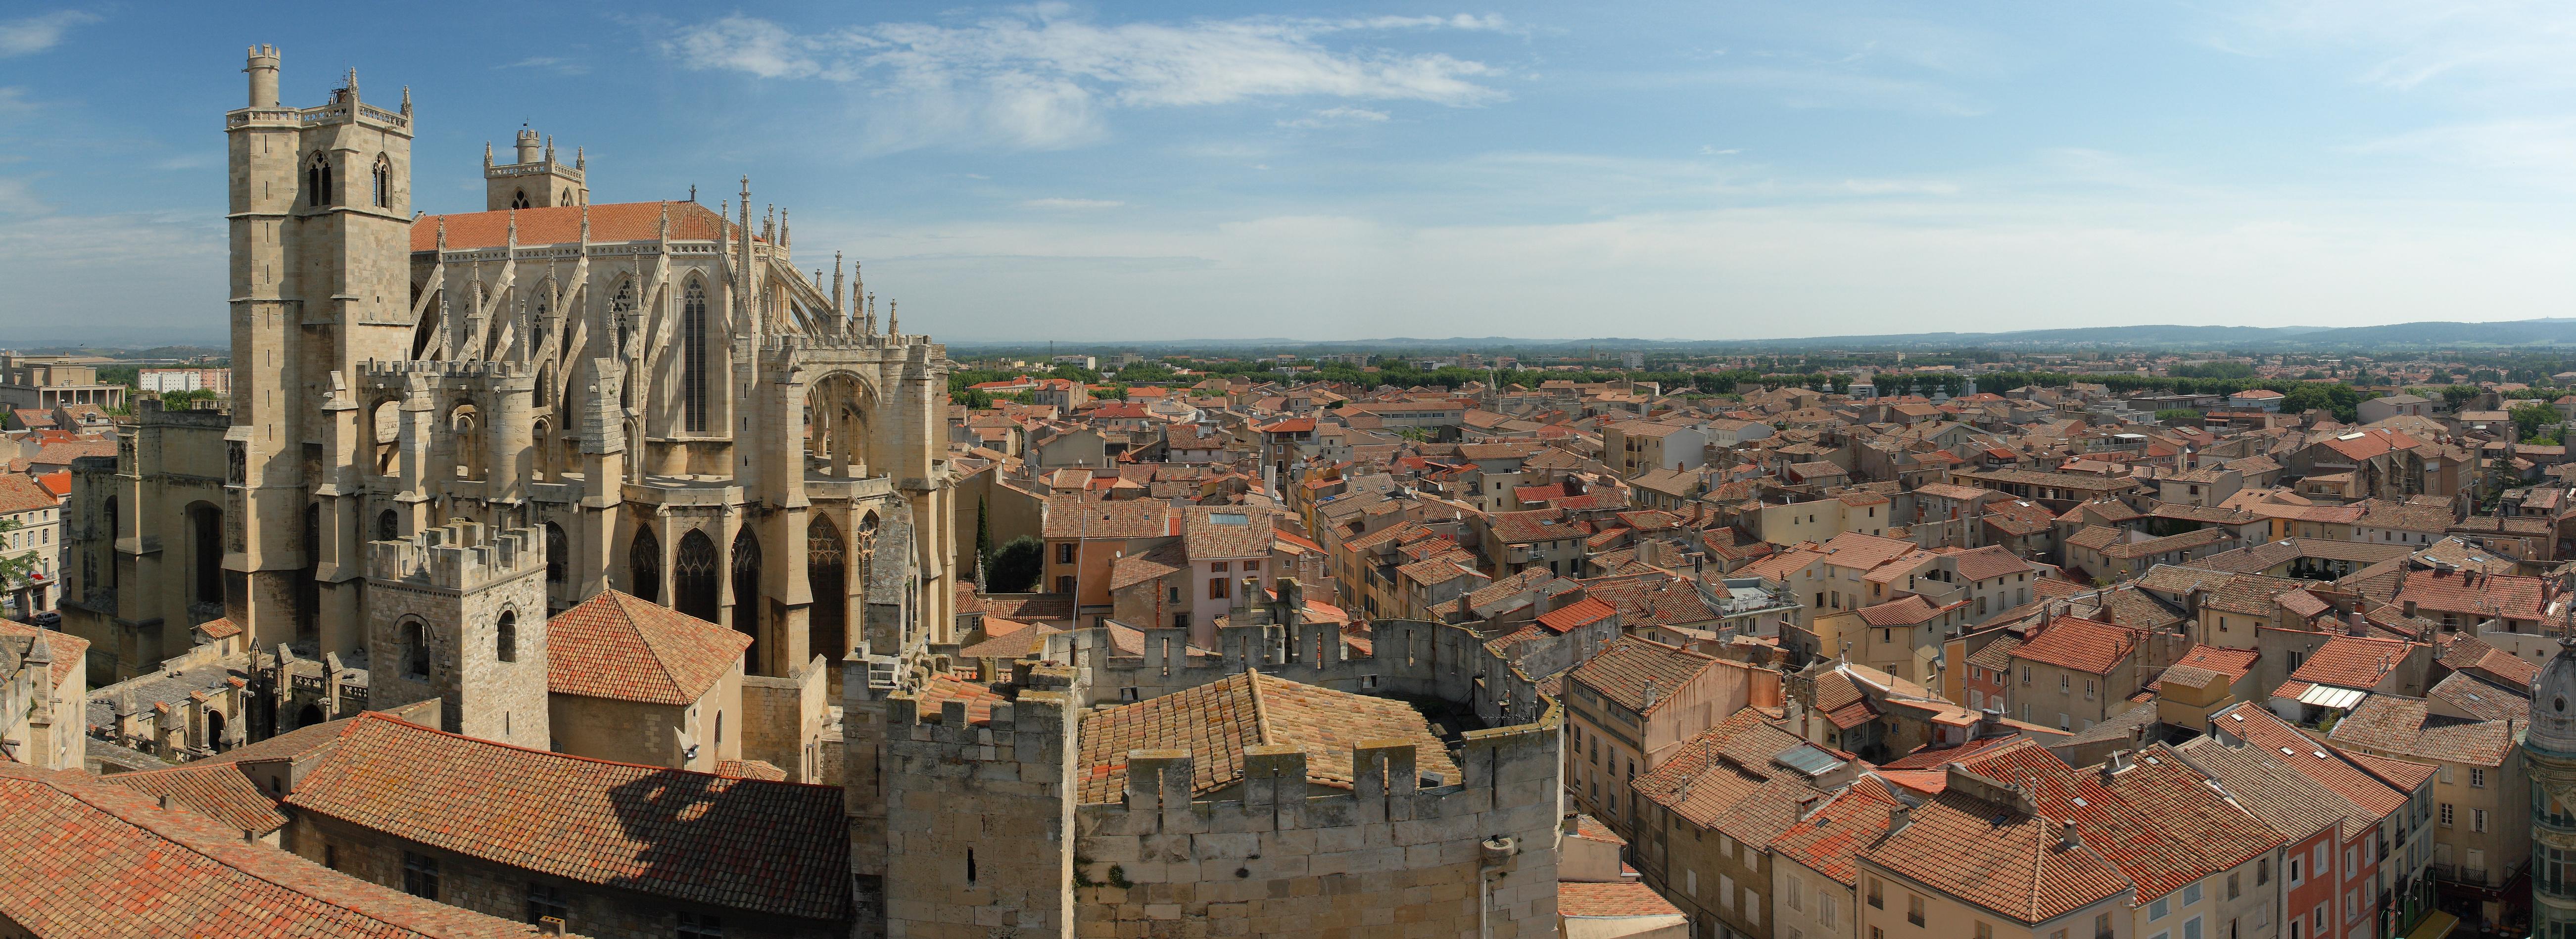 Narbonne is het bekijken zeker waard (Foto: WikiCommons)